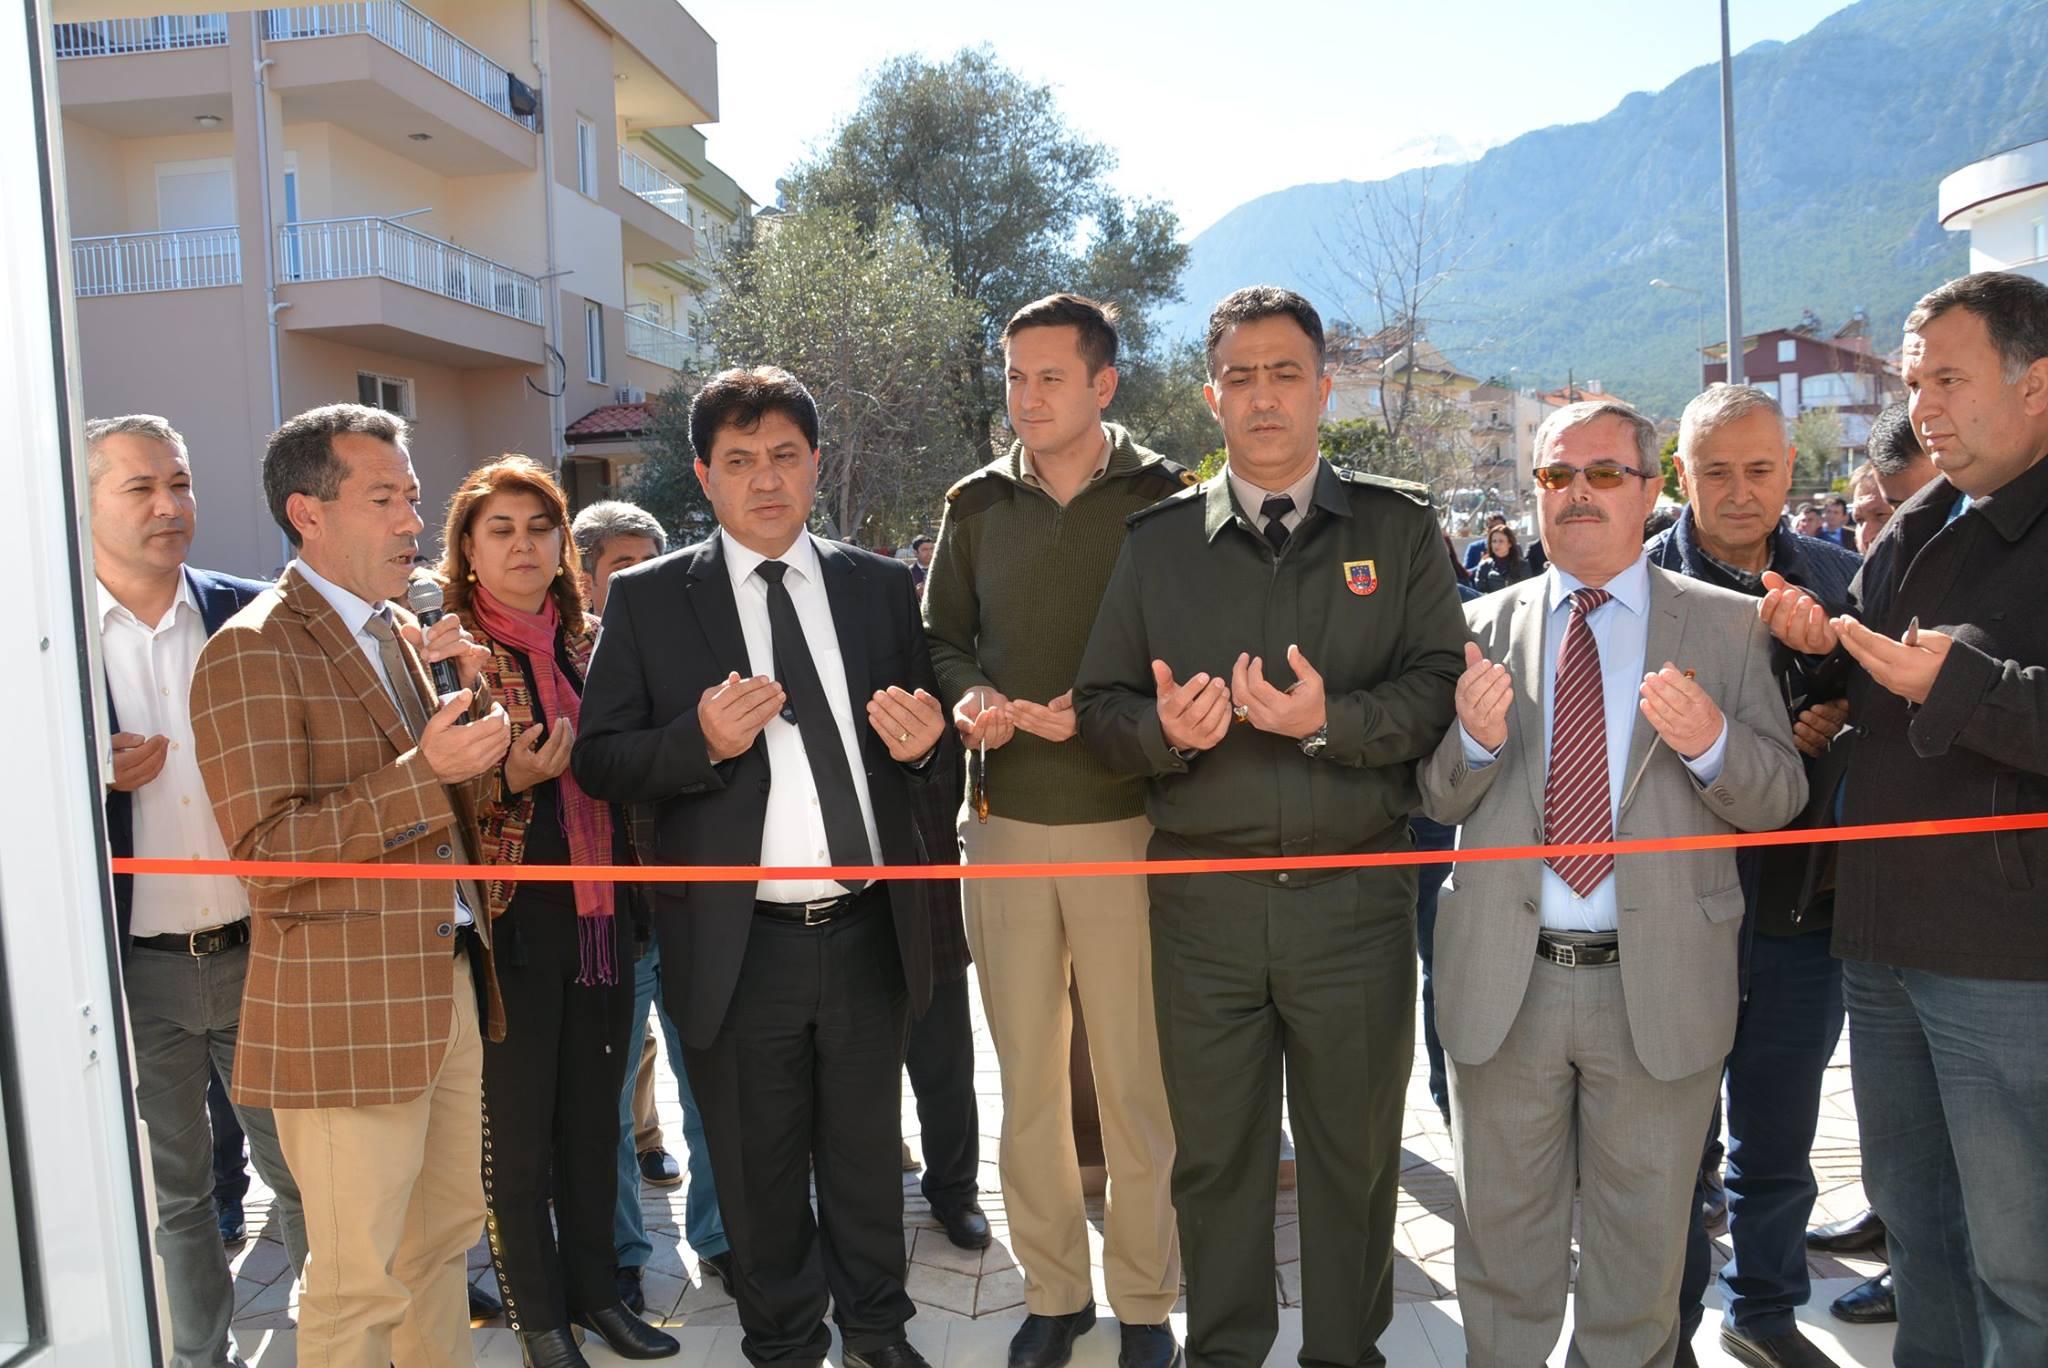 Aslanbucak Yeni Muhtarlık ve Hizmet Ofisi Tören ve Dualarla Açıldı